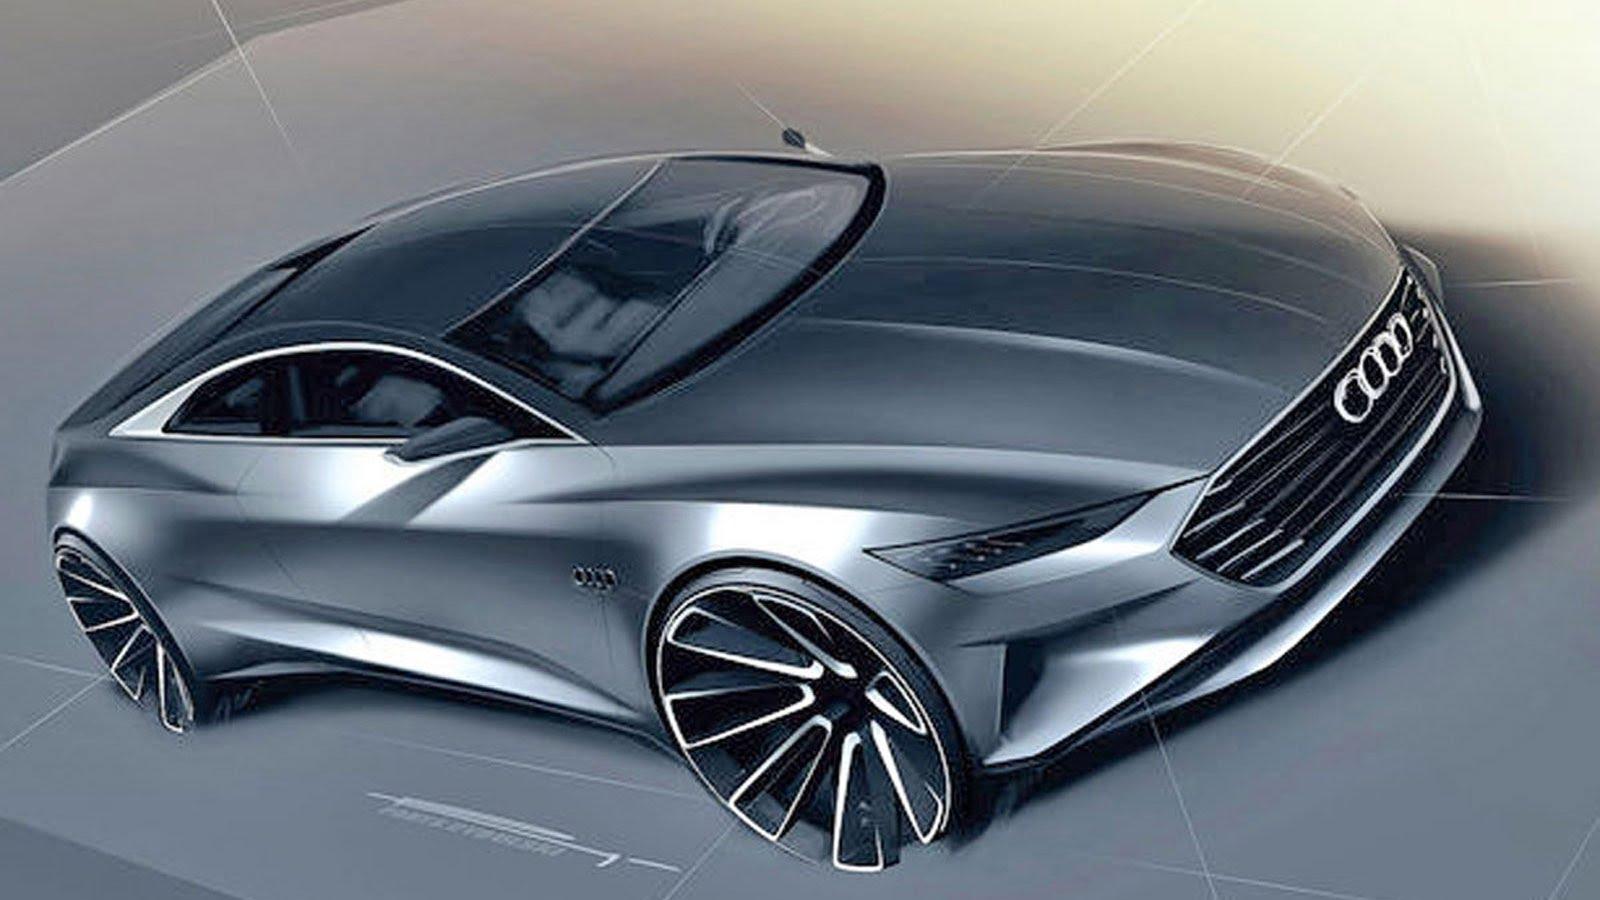 Audi A9 e-tron Wants to Kill Tesla by 2020 - Luxury4Play.com